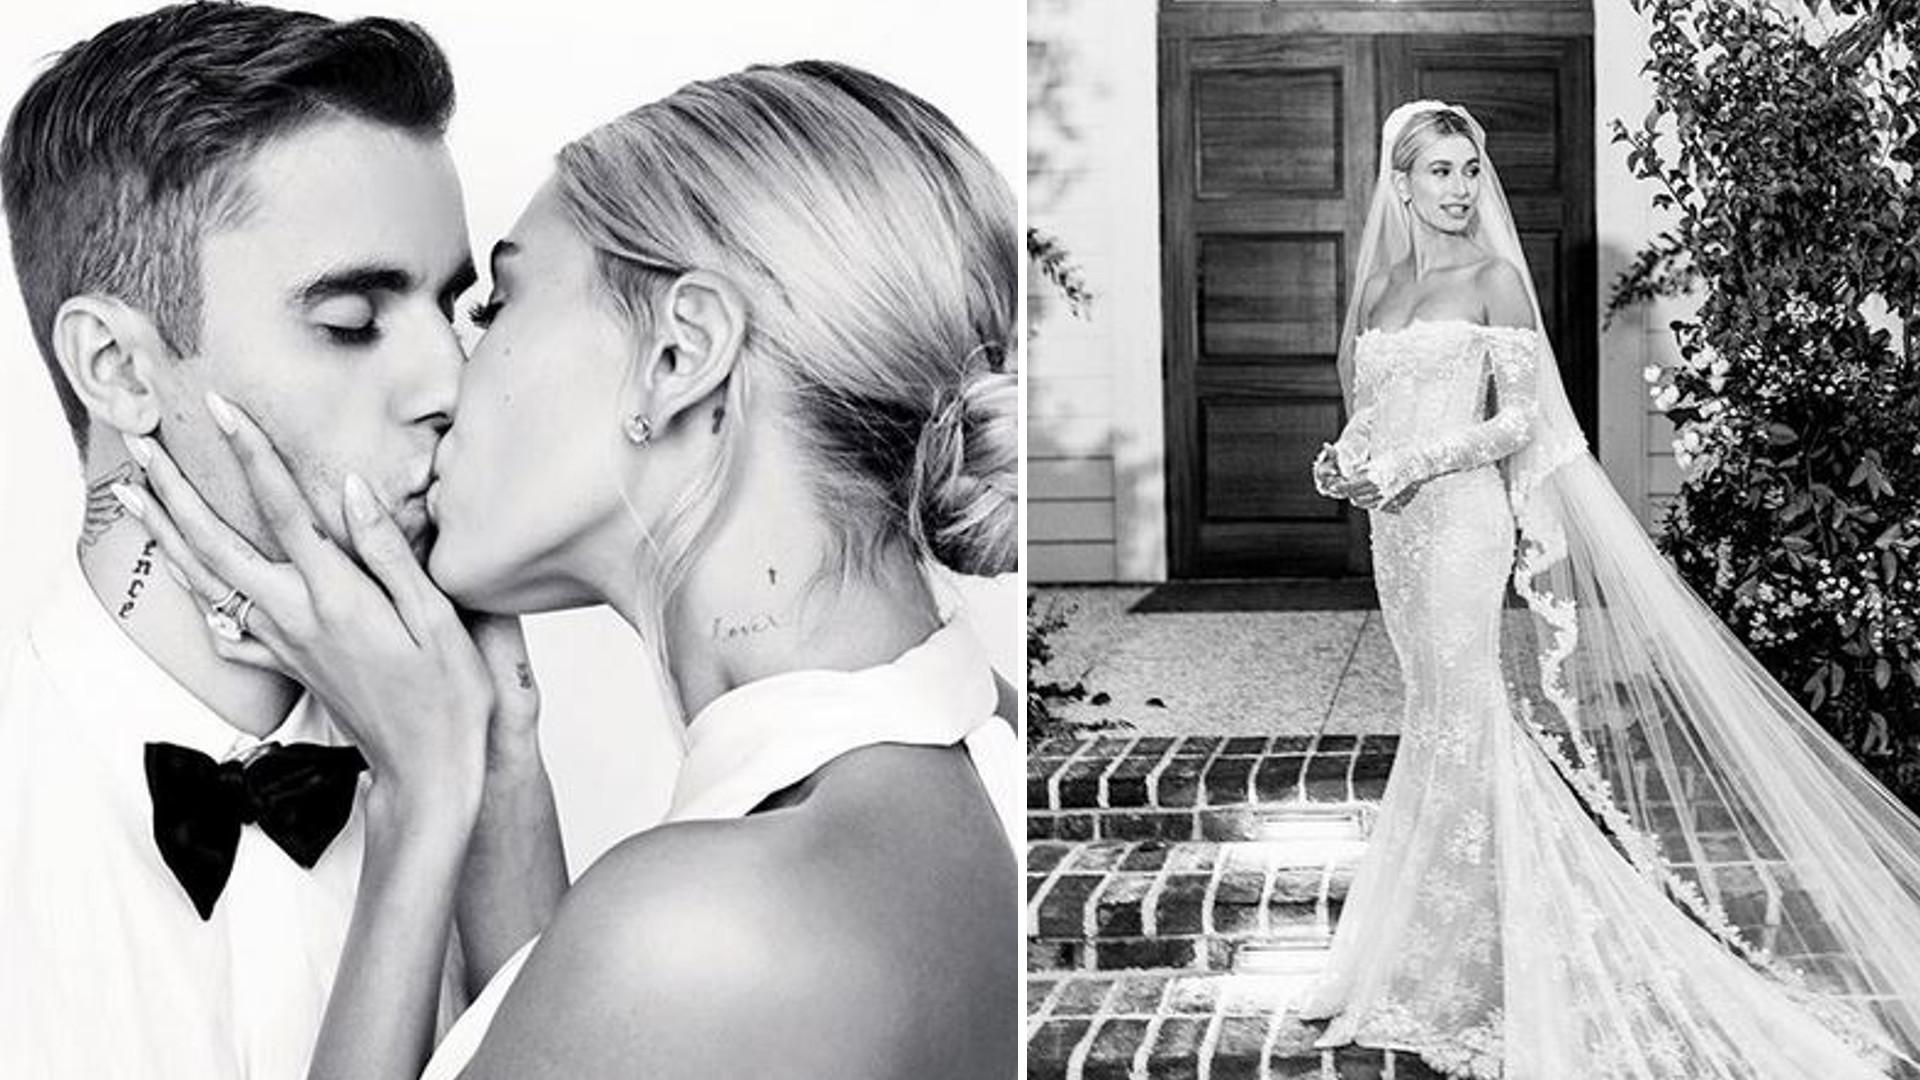 OMG! Justin Bieber prawie ZNISZCZYŁ kreację ślubną Hailey. Ten widok AŻ BOLI